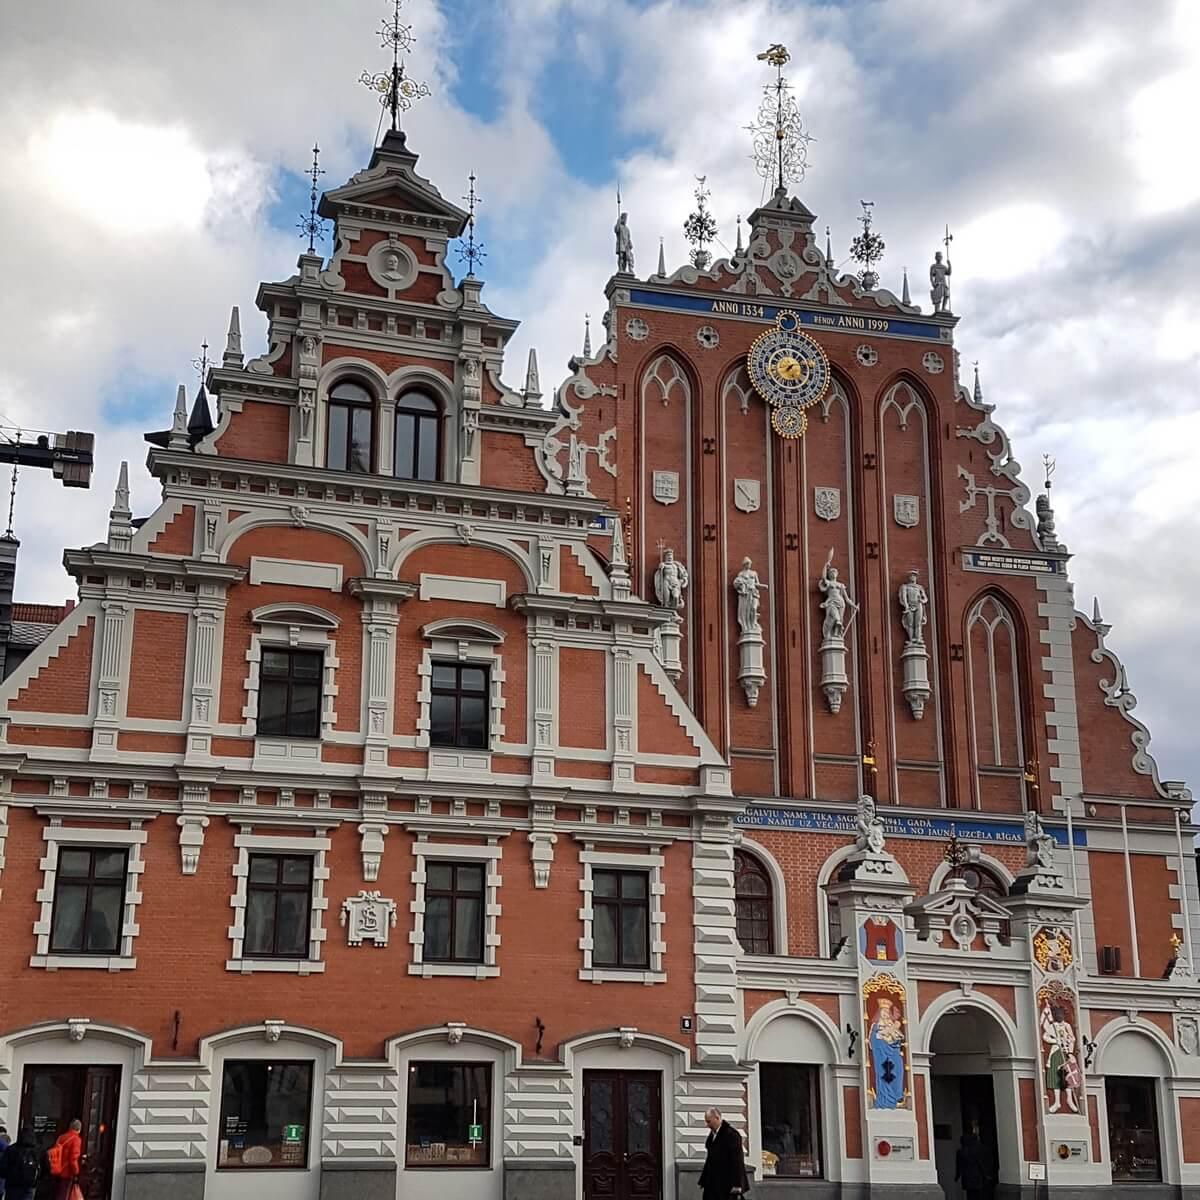 Дом Черноголовых. Находится на Ратушной площади в Риге